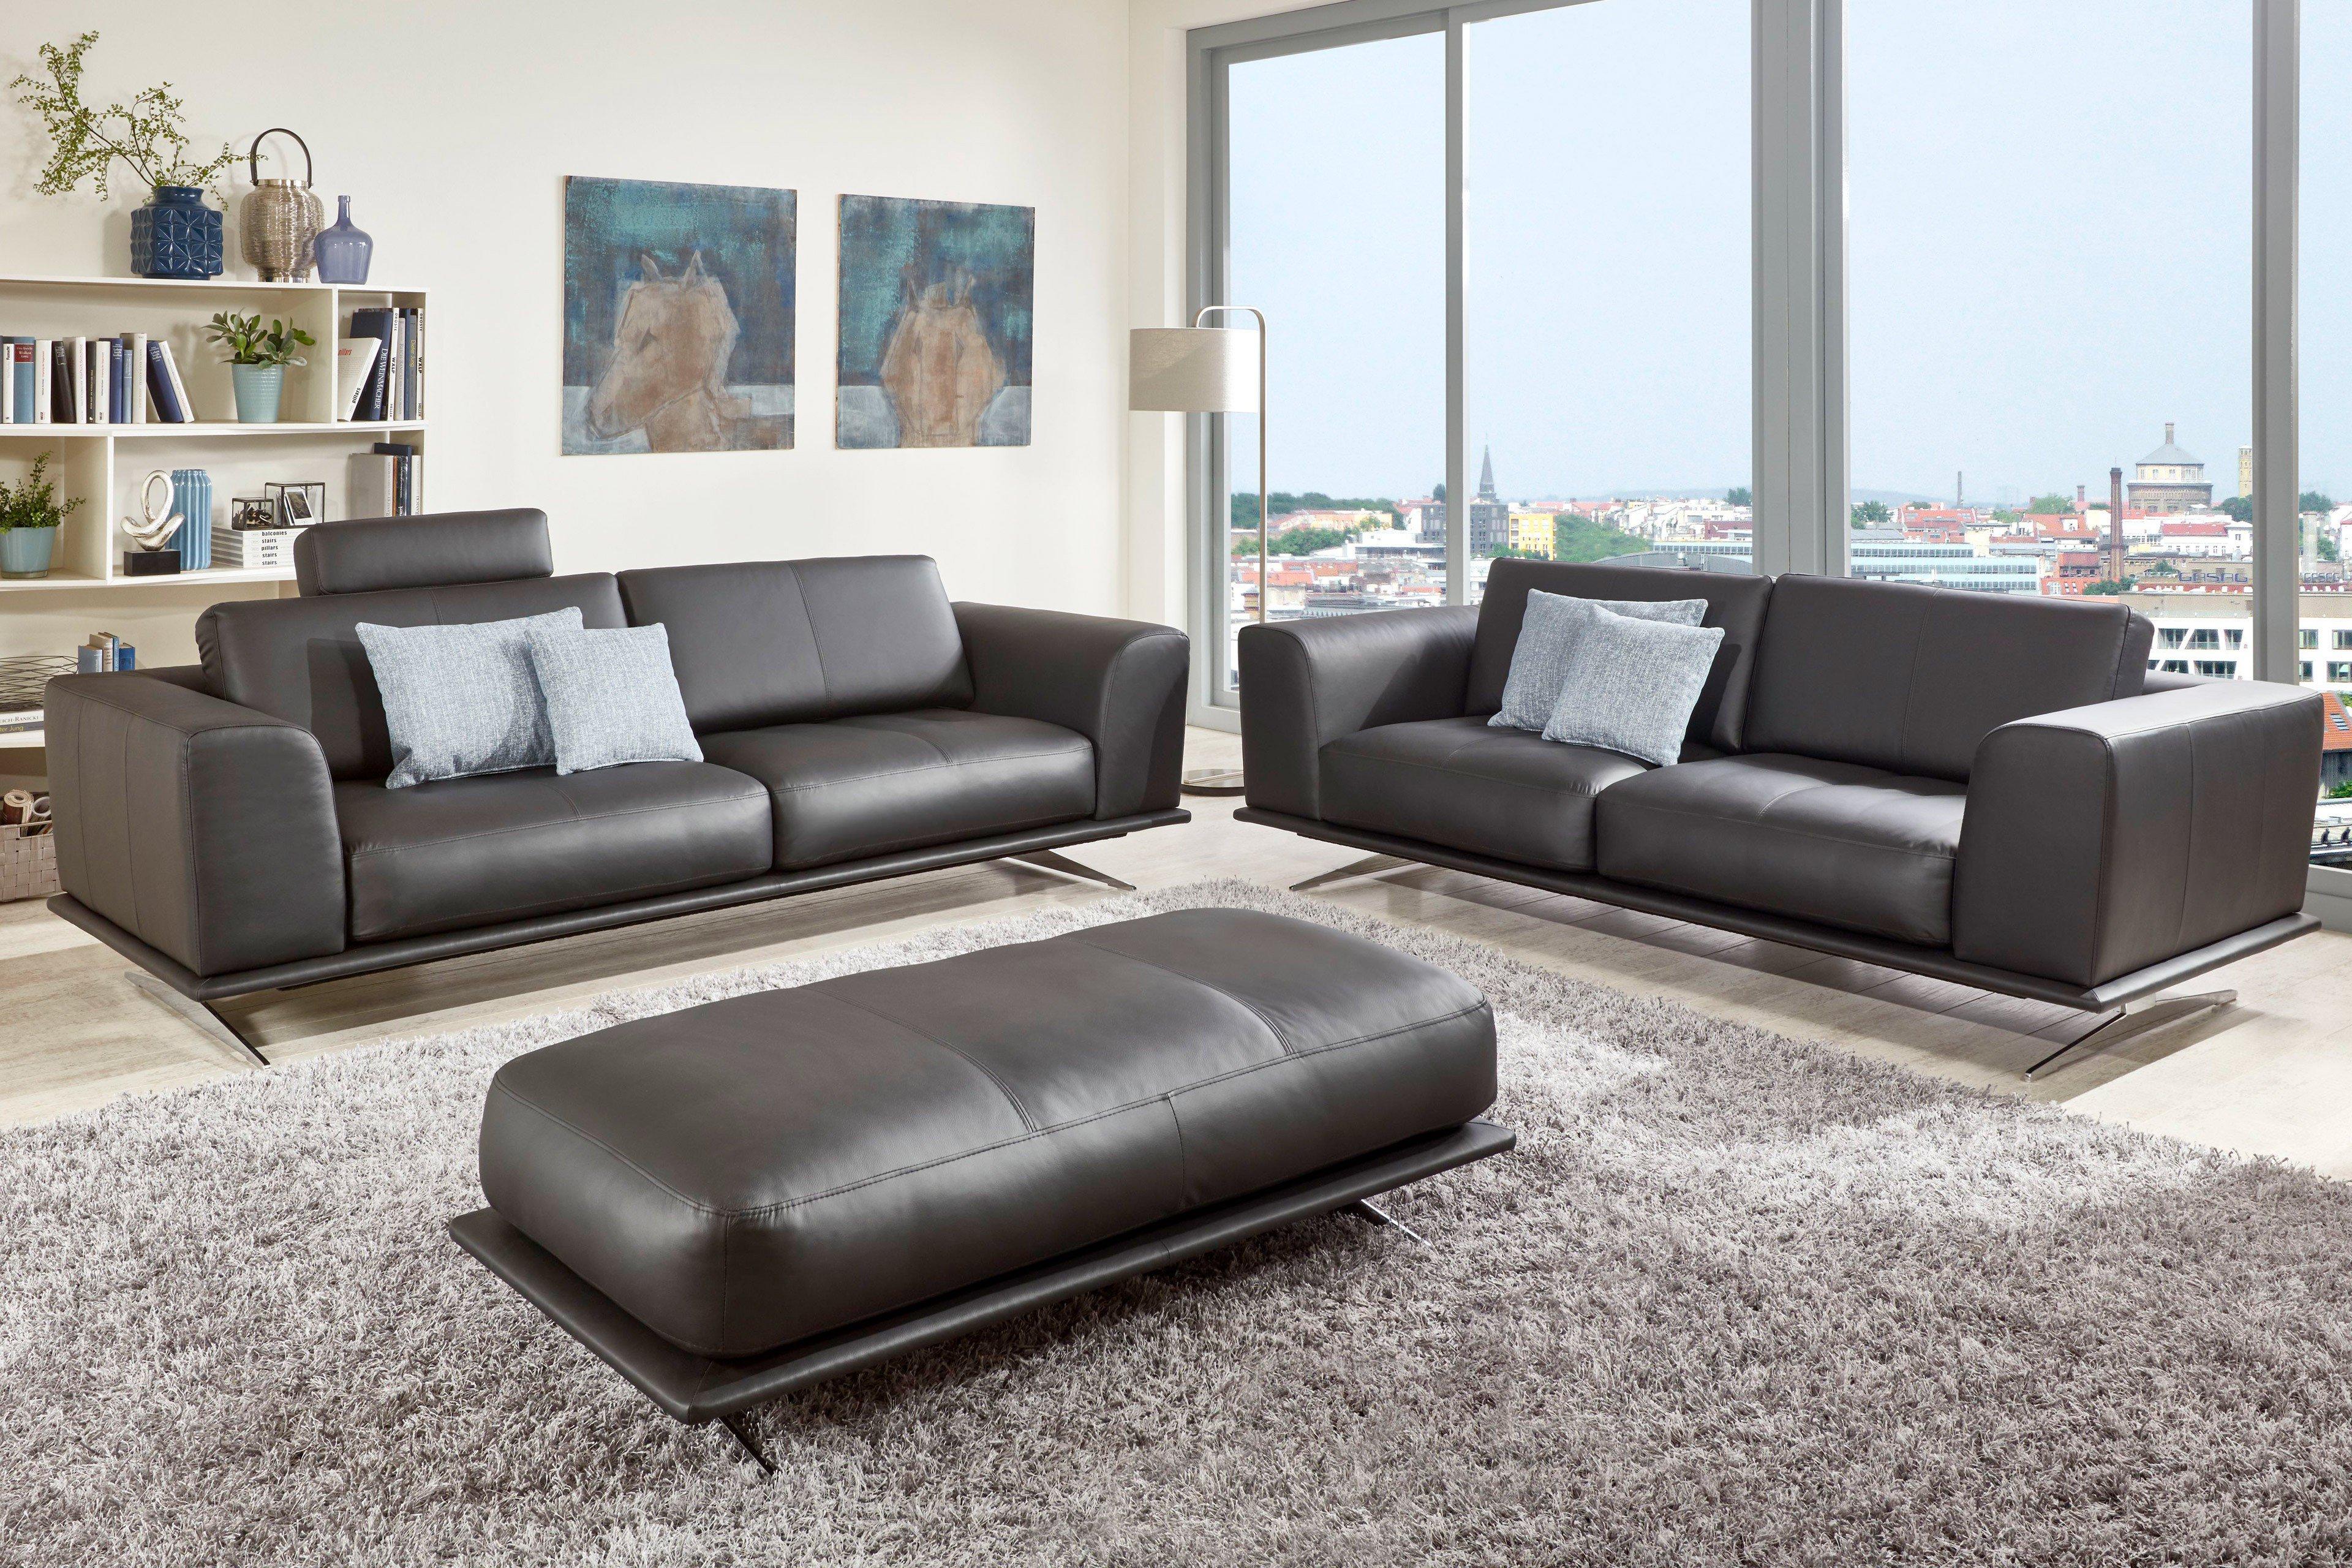 poco polsterm bel veronese polstergarnitur anthrazit m bel letz ihr online shop. Black Bedroom Furniture Sets. Home Design Ideas